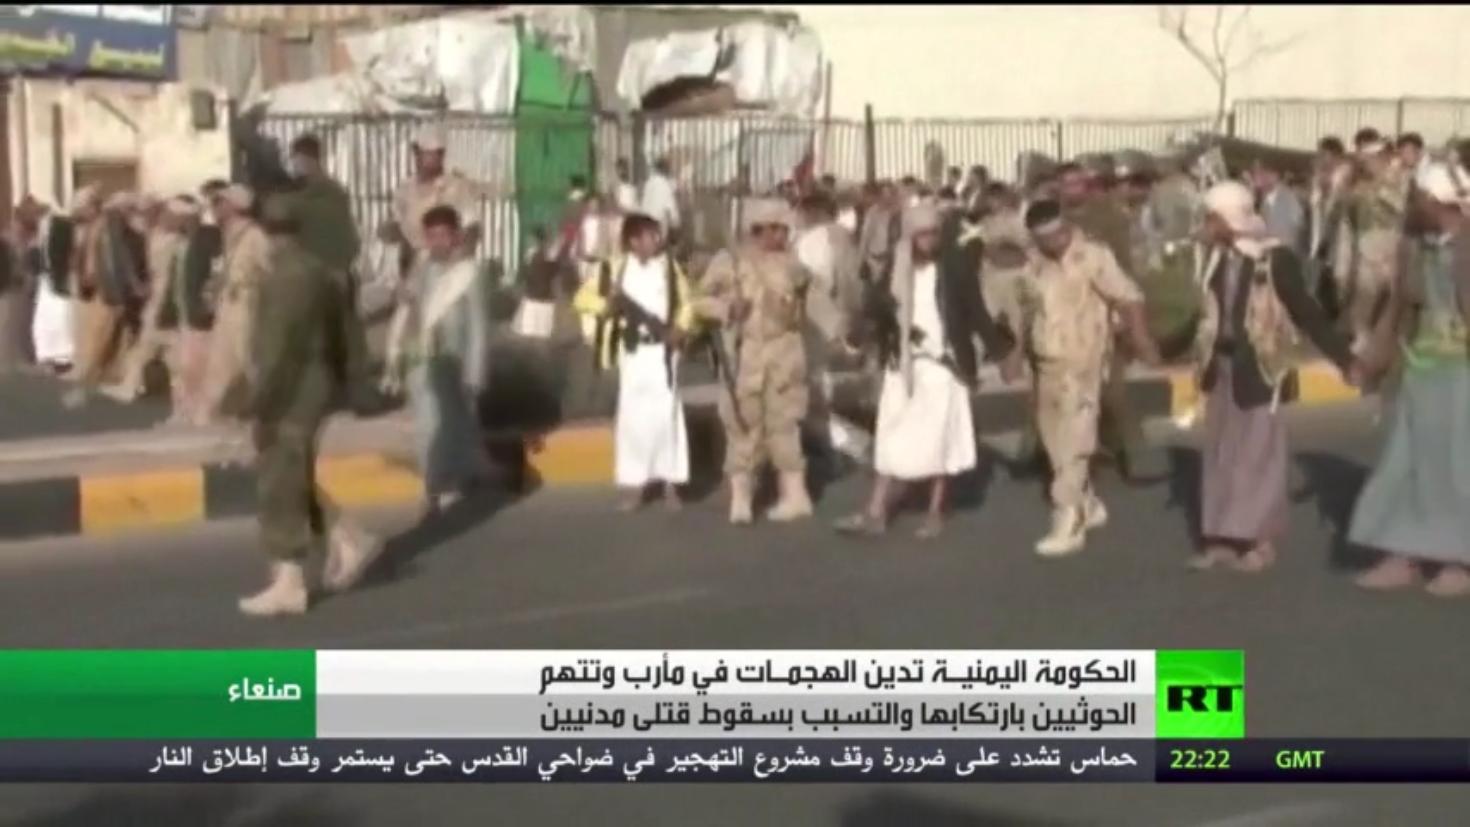 الحكومة اليمنية تدين الهجمات في مأرب